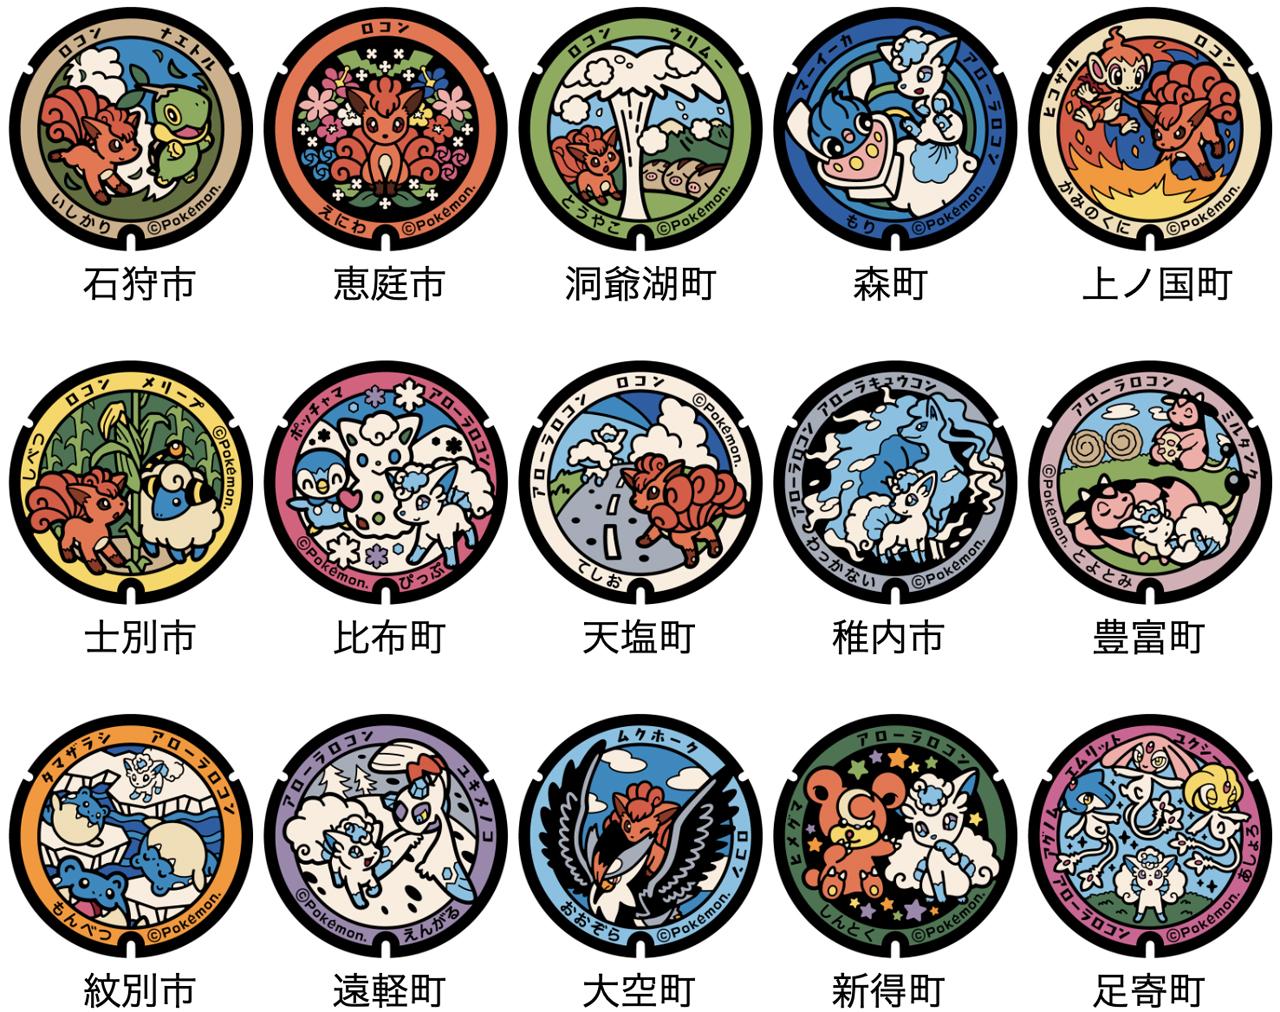 精灵宝可梦全新精美井盖15种亮相 计划散布北海道全域